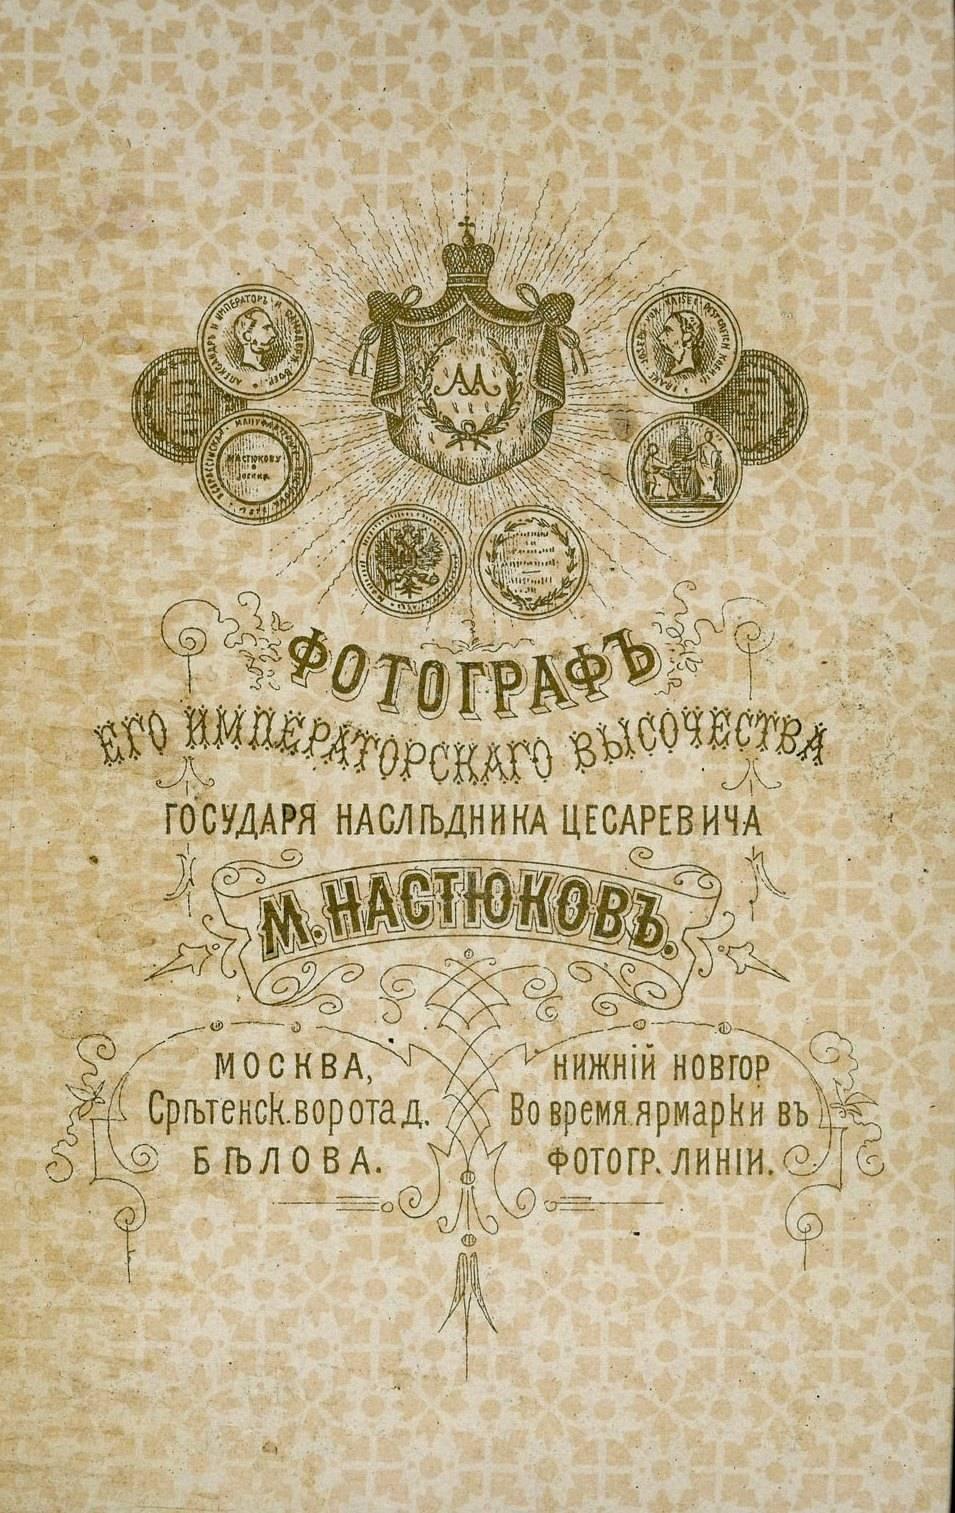 Фотограф Его Императорского Высочества Государя Наследника Цесаревича Михаил Настюков